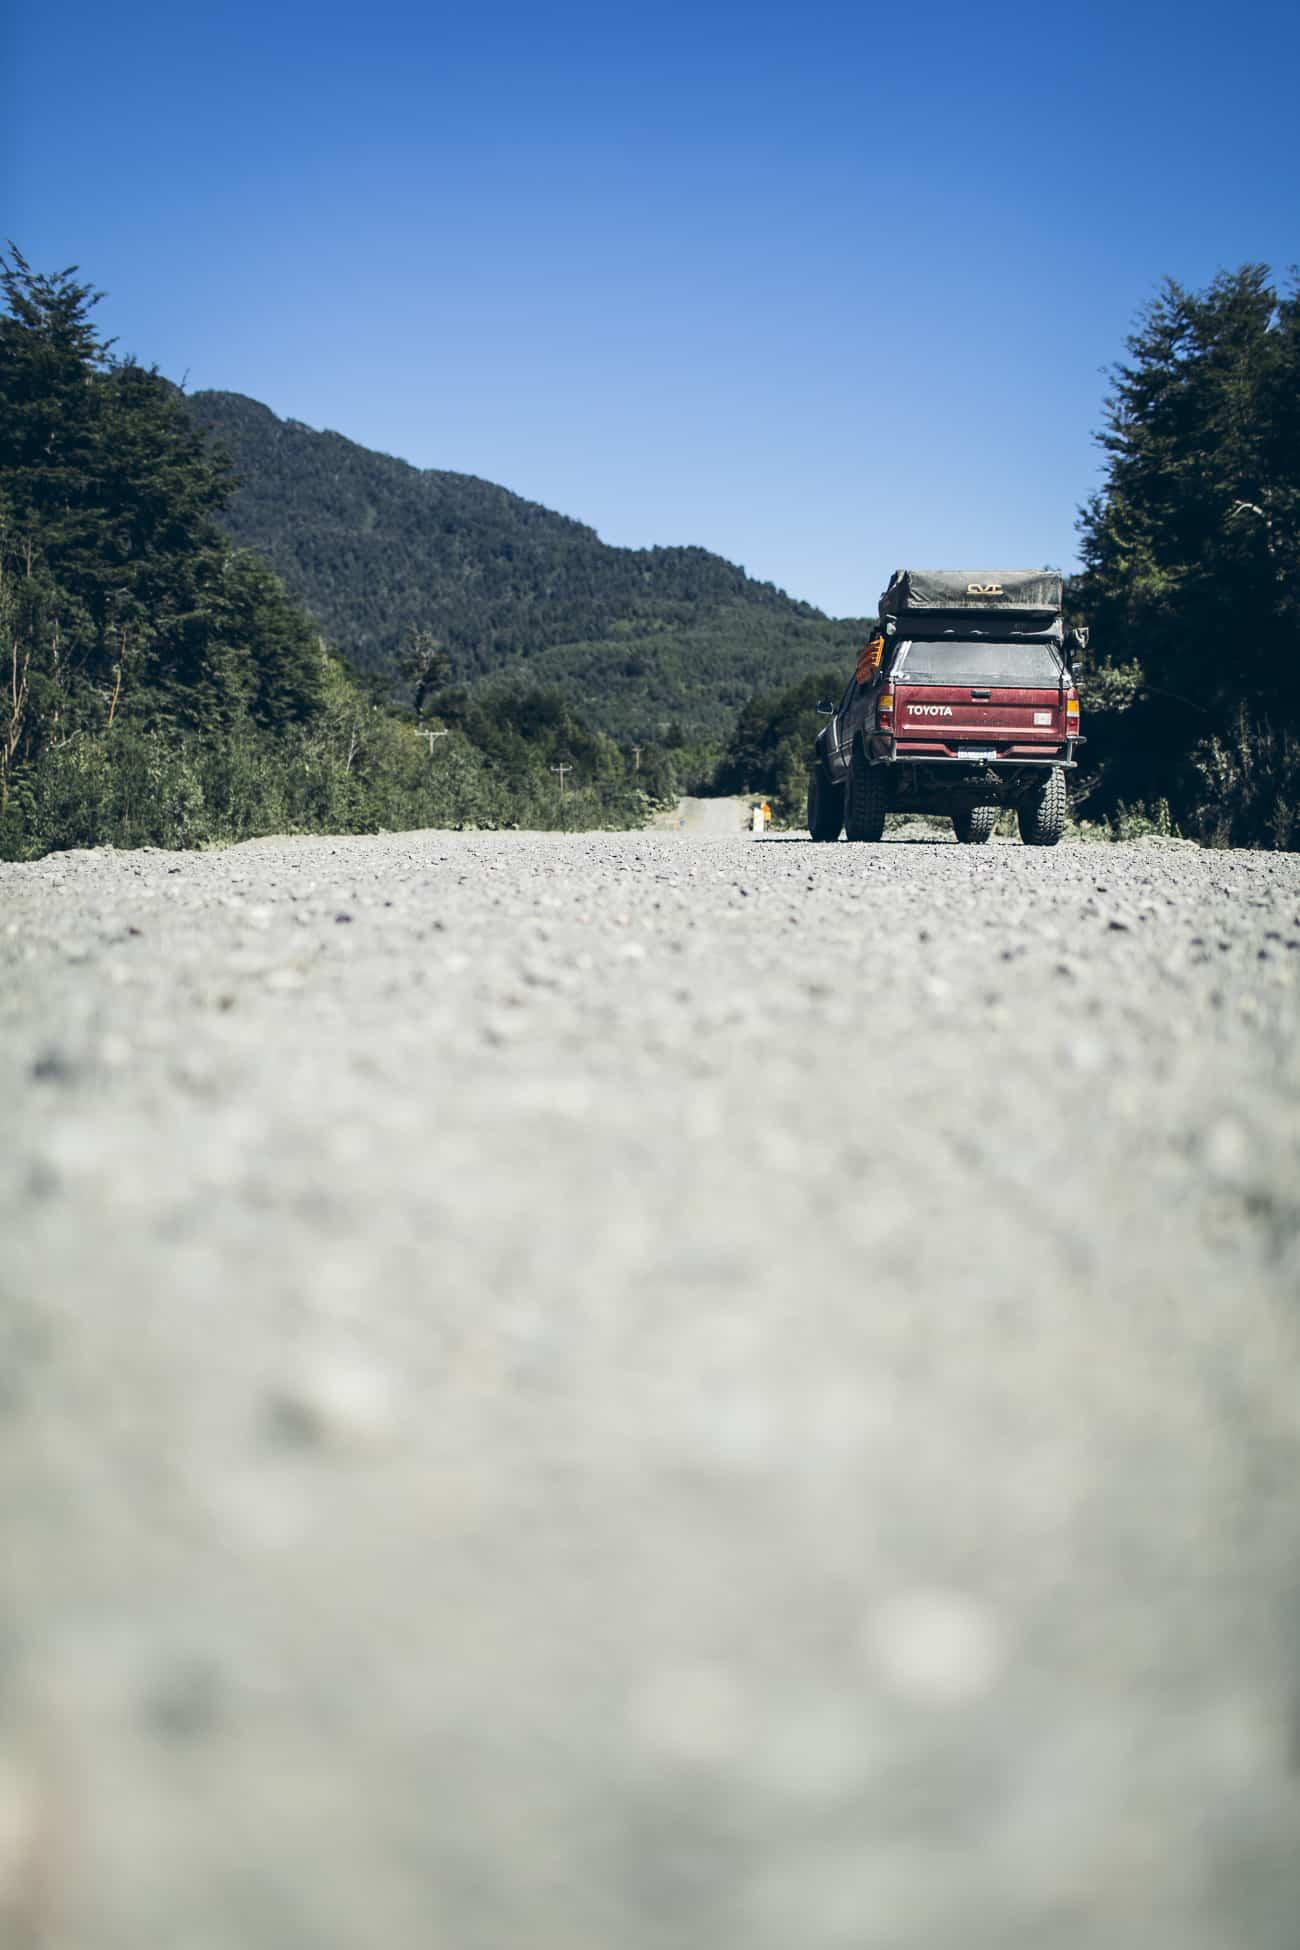 d2g_expoportal_carreteraaustral-25